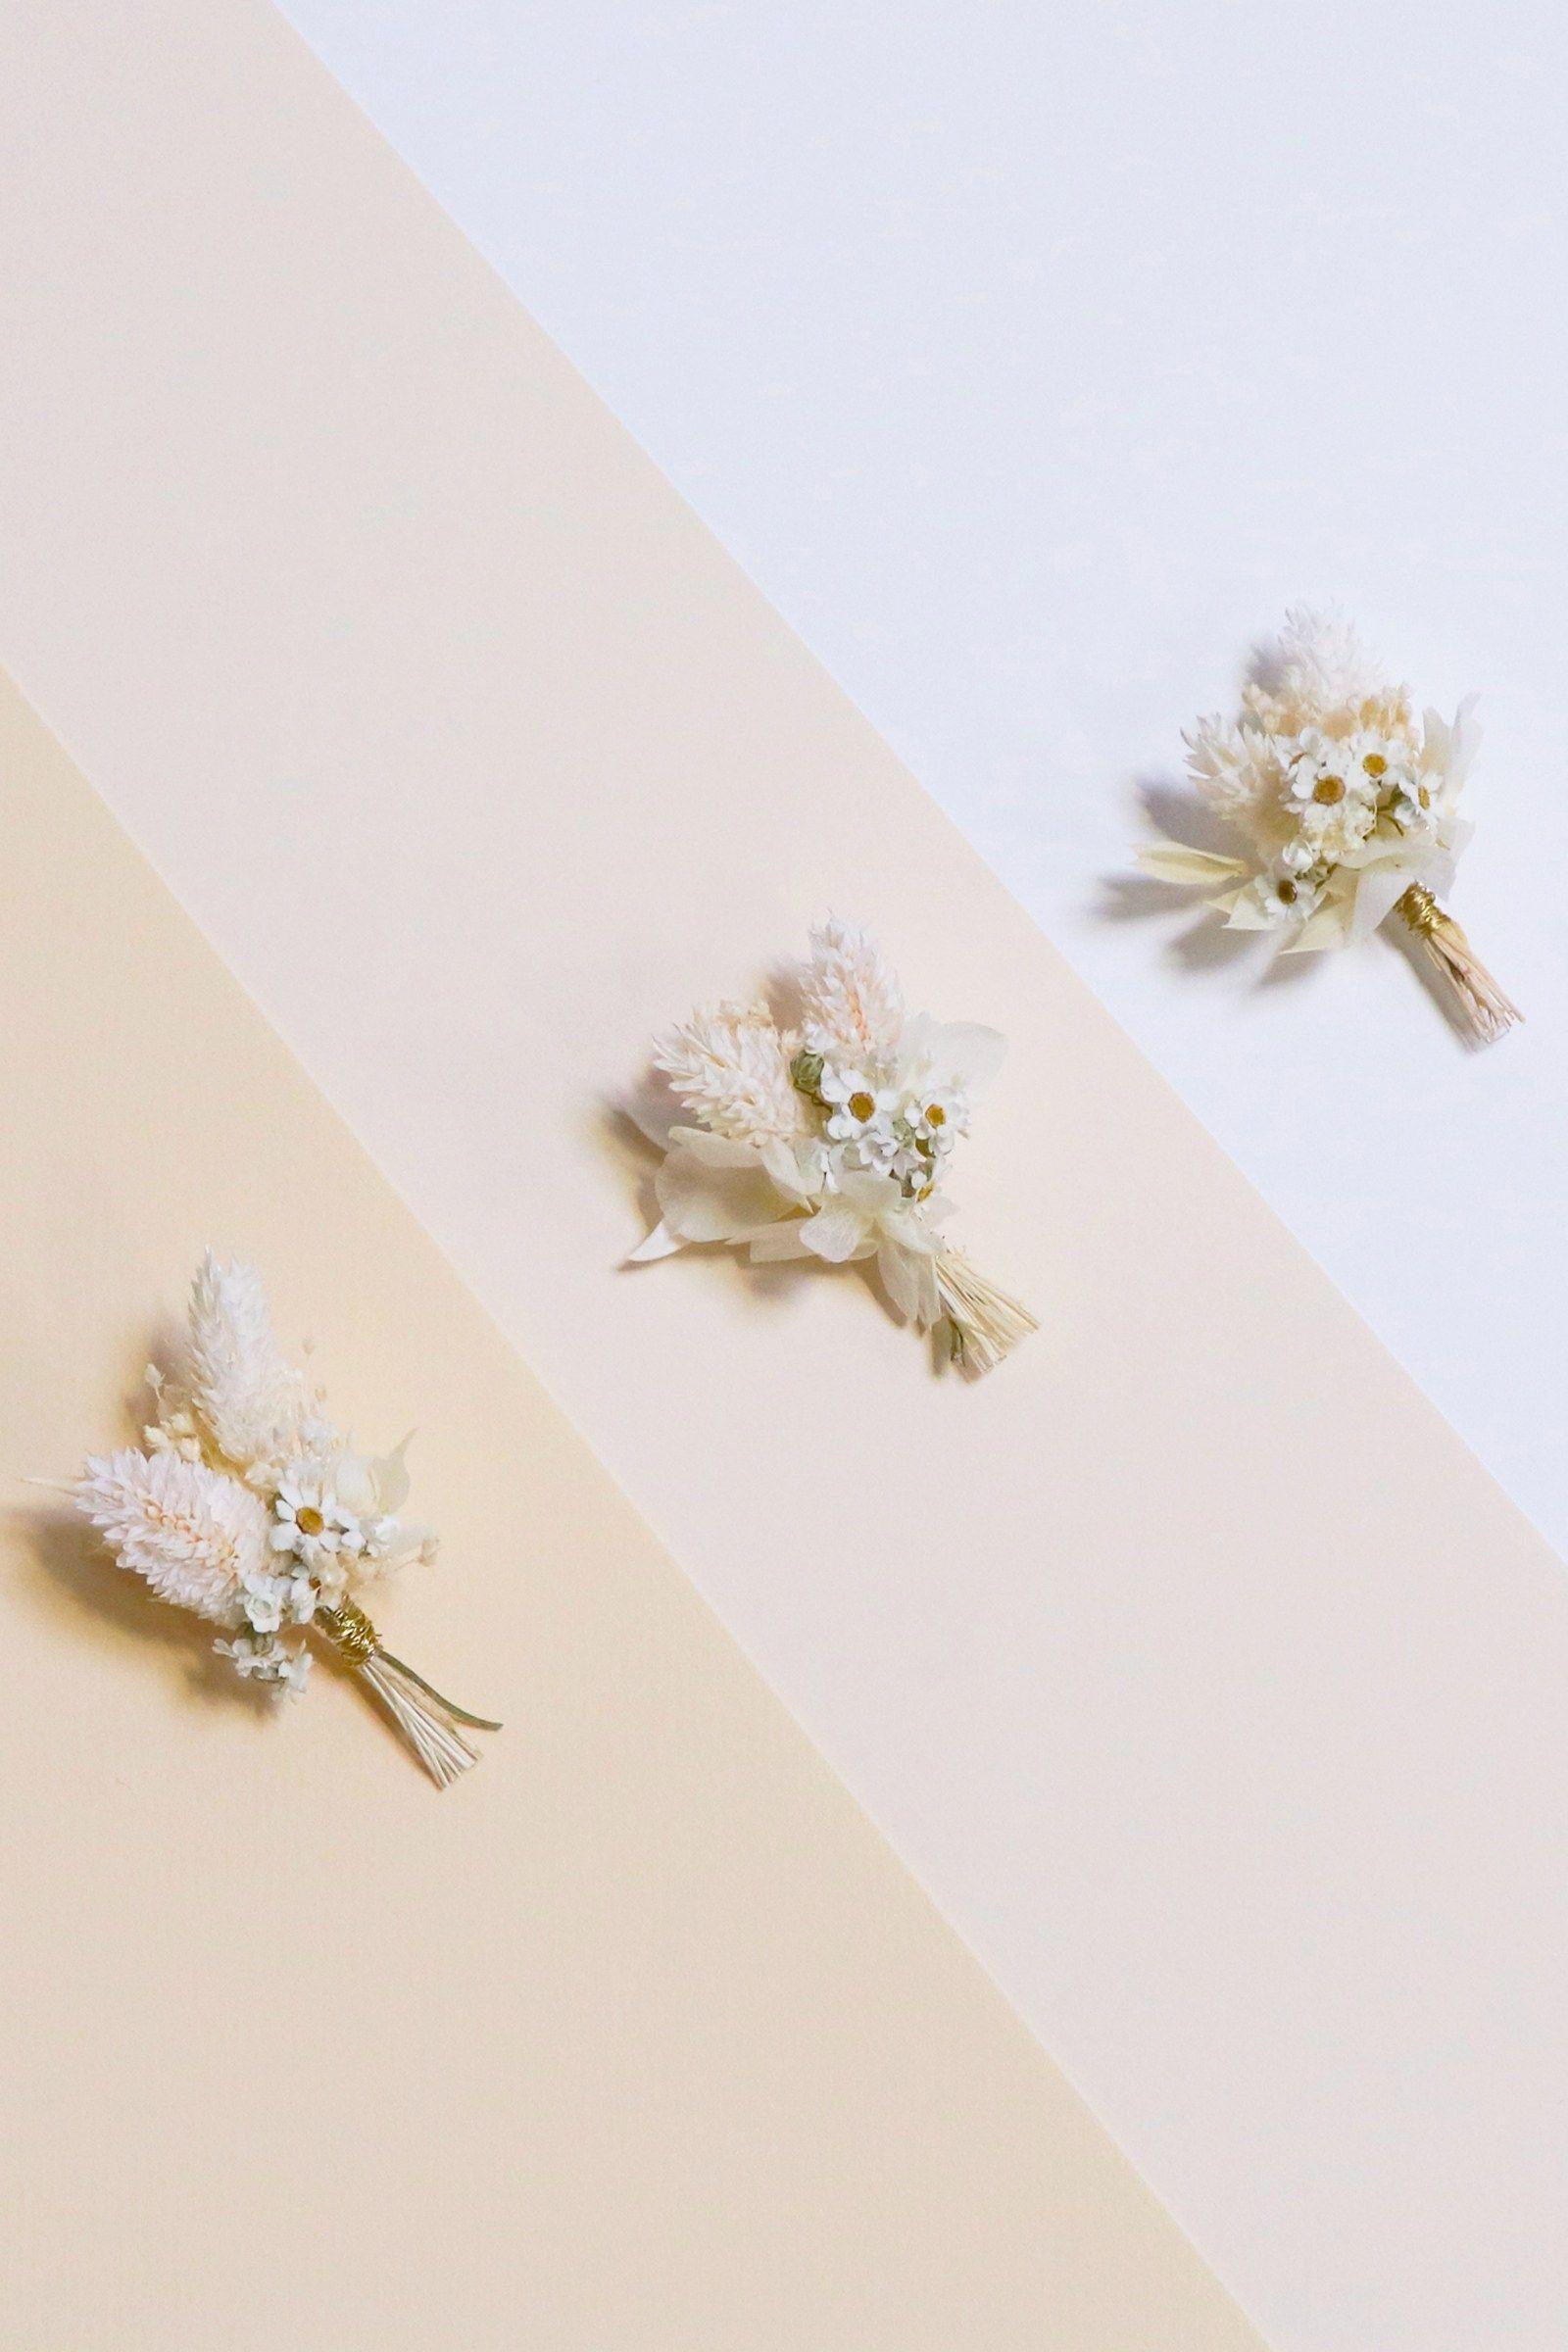 Comment Faire Secher Une Rose Fraiche monsieur marguerite est le premier flowershop de france et